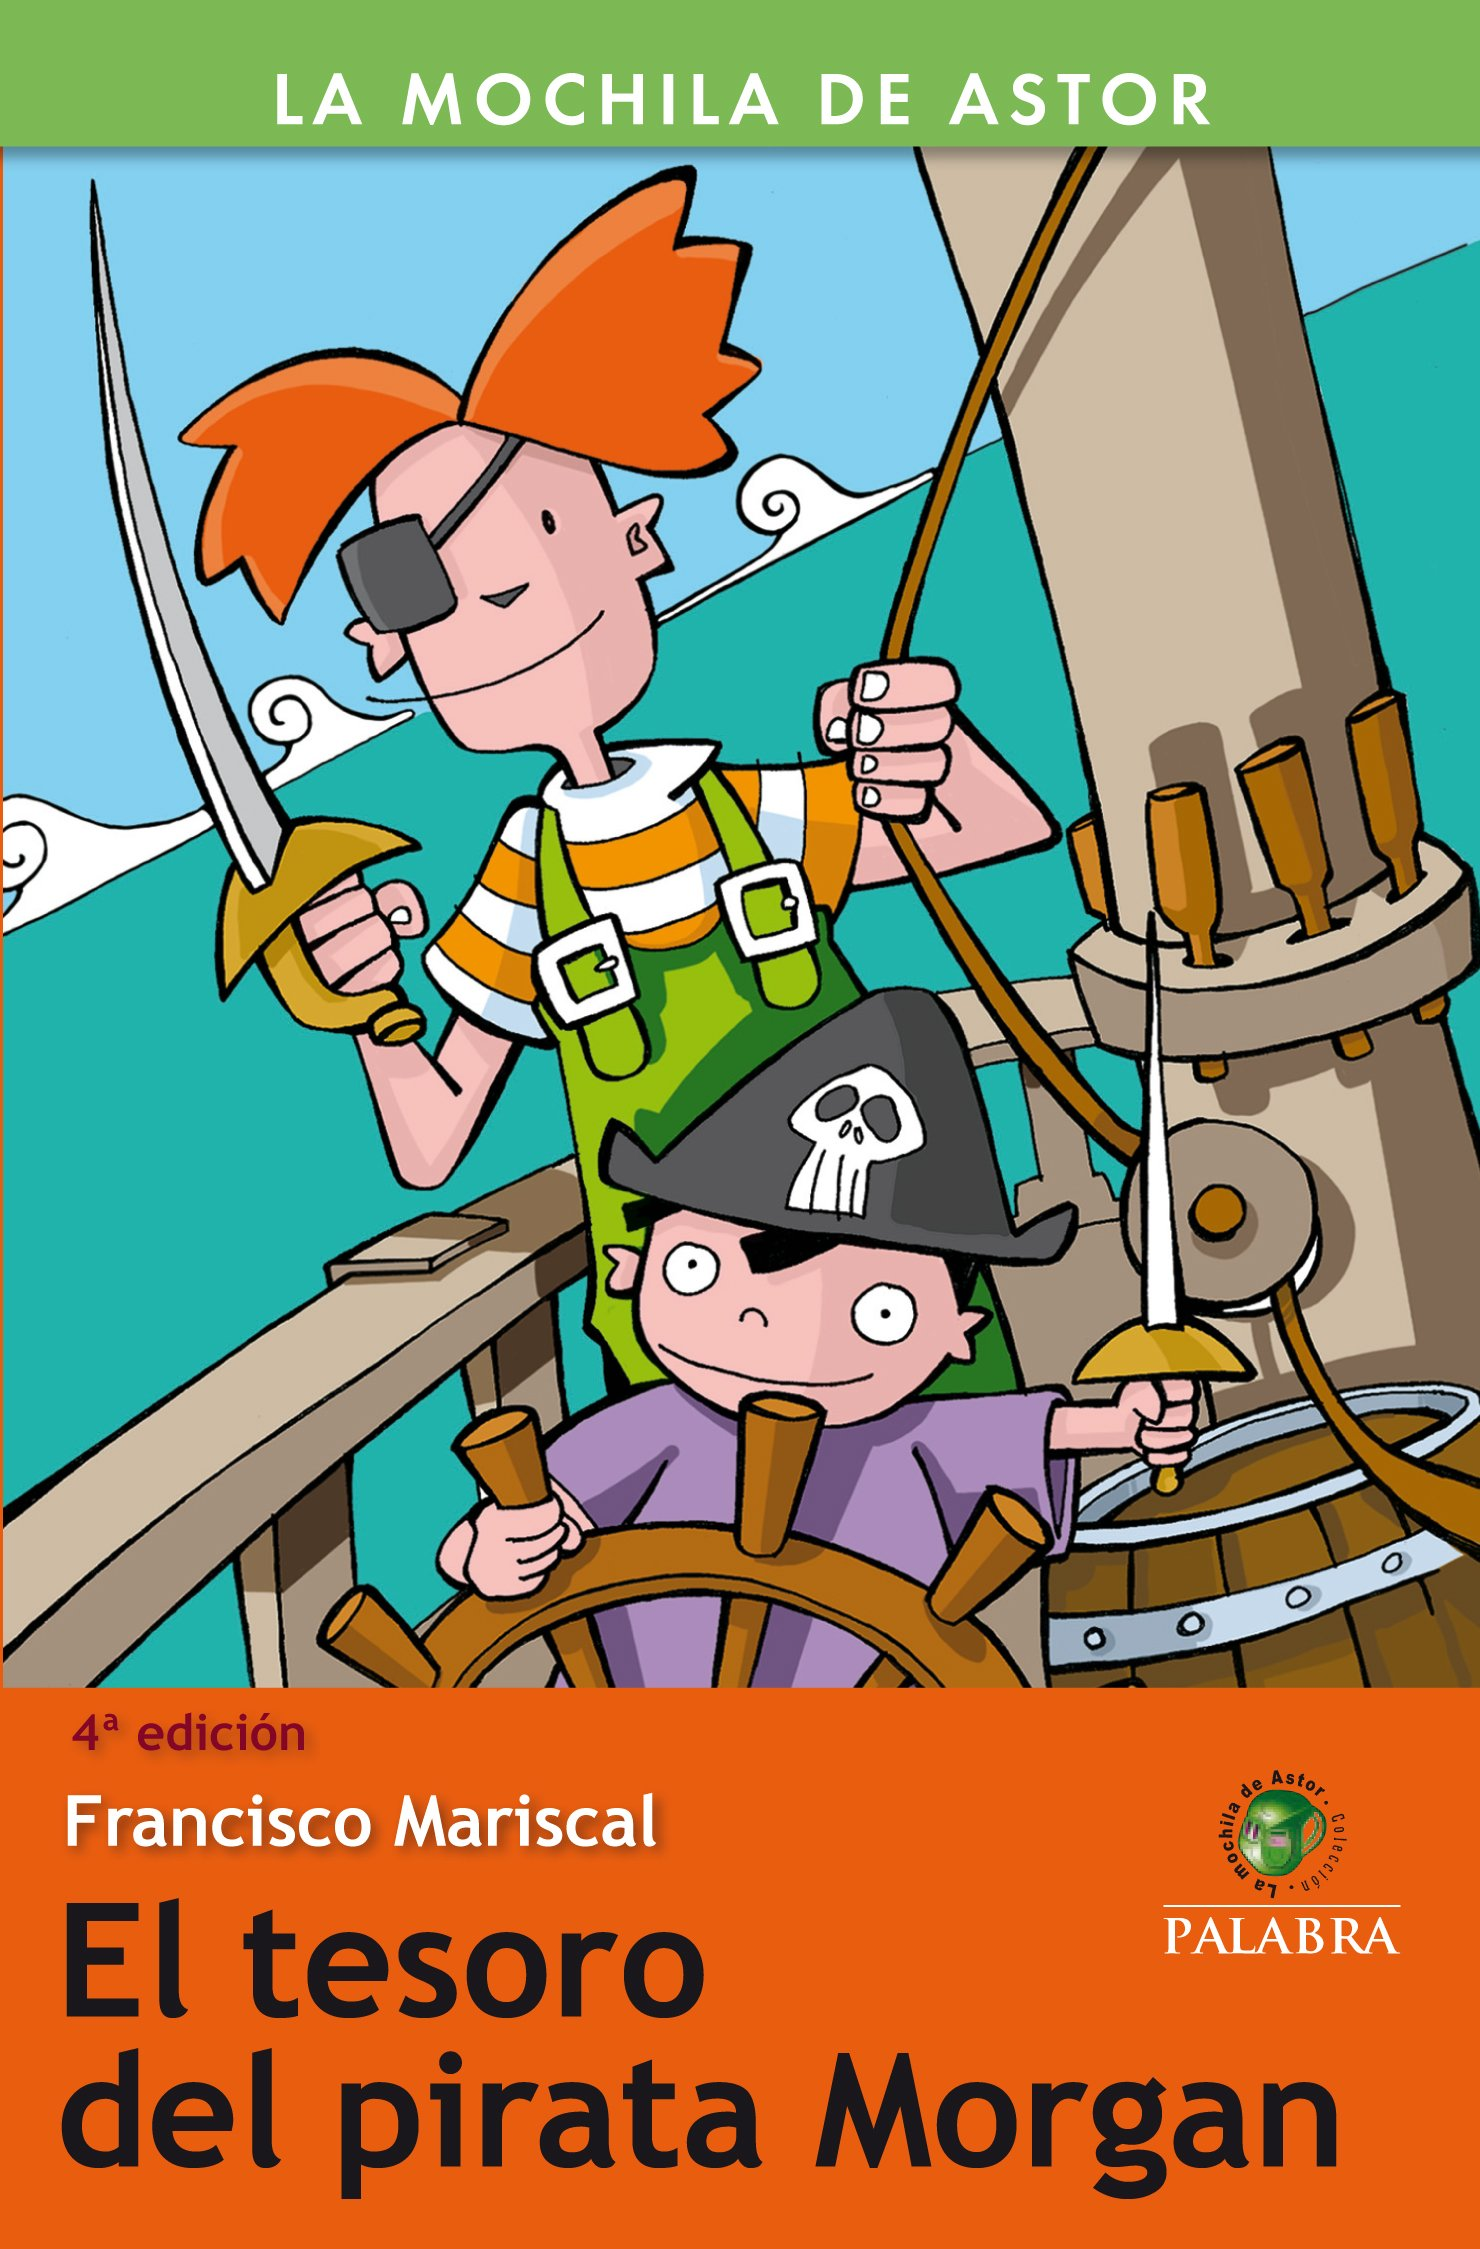 El tesoro del pirata Morgan: Francisco Mariscal: 9788498401578: Amazon.com: Books